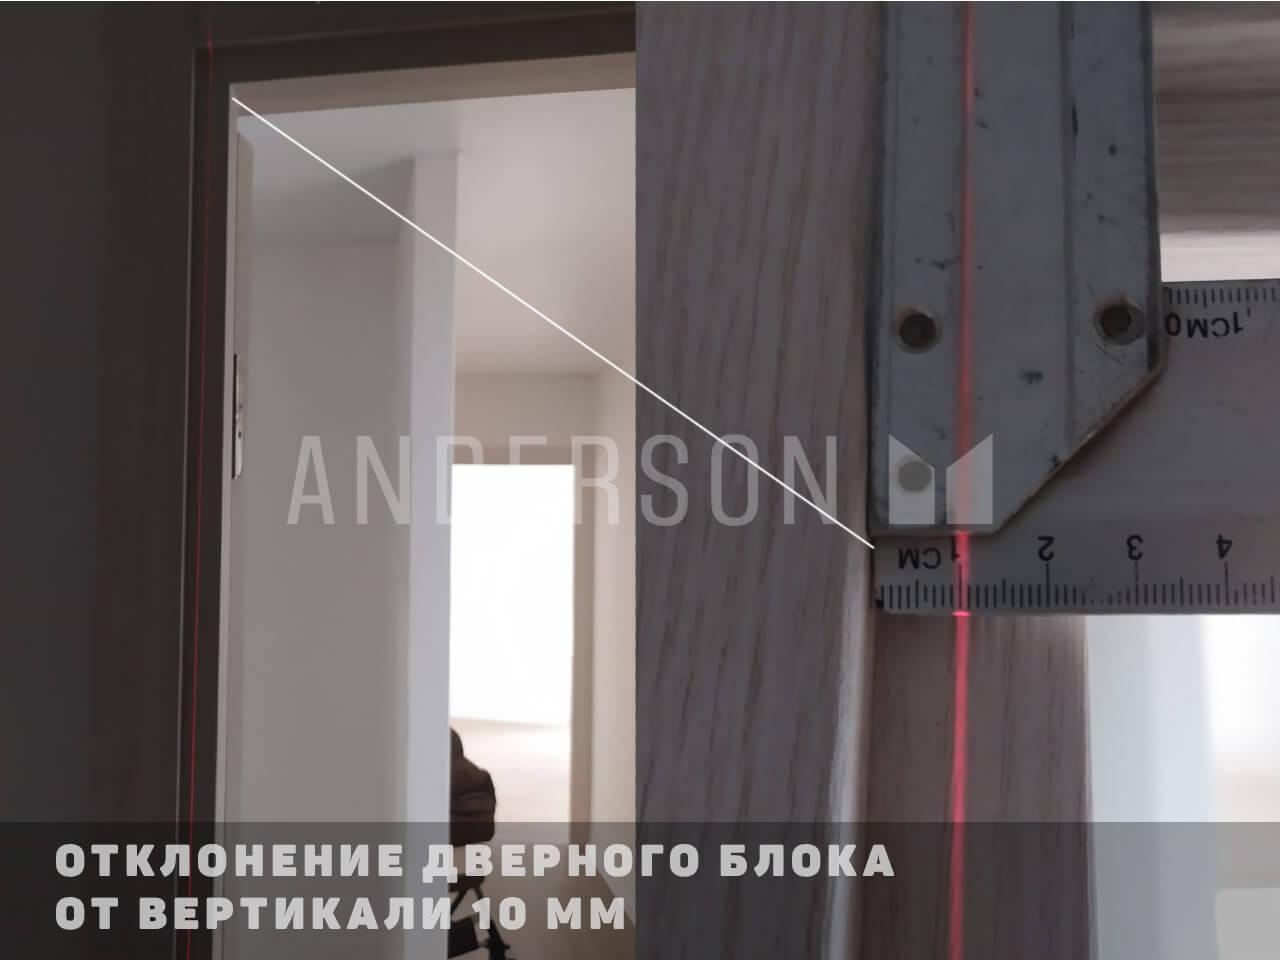 Отклонение дверного блока от вертикали